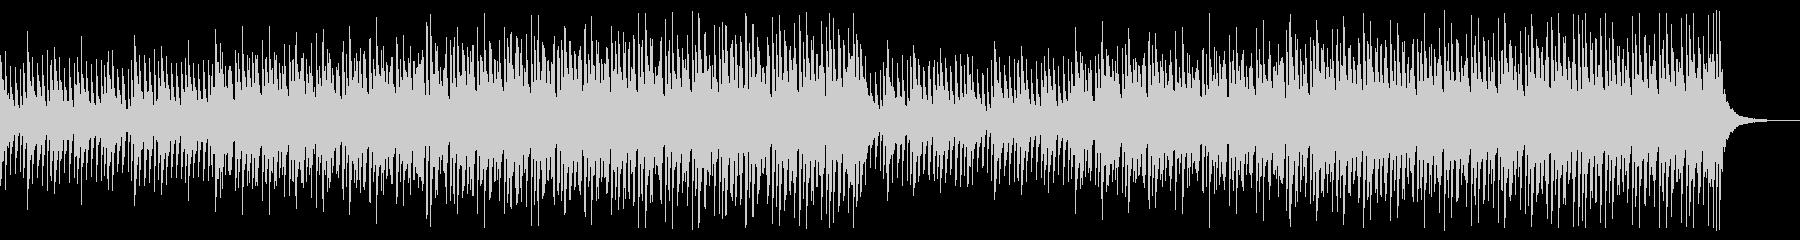 ベース無しver ゆったり ピアノ&鉄琴の未再生の波形